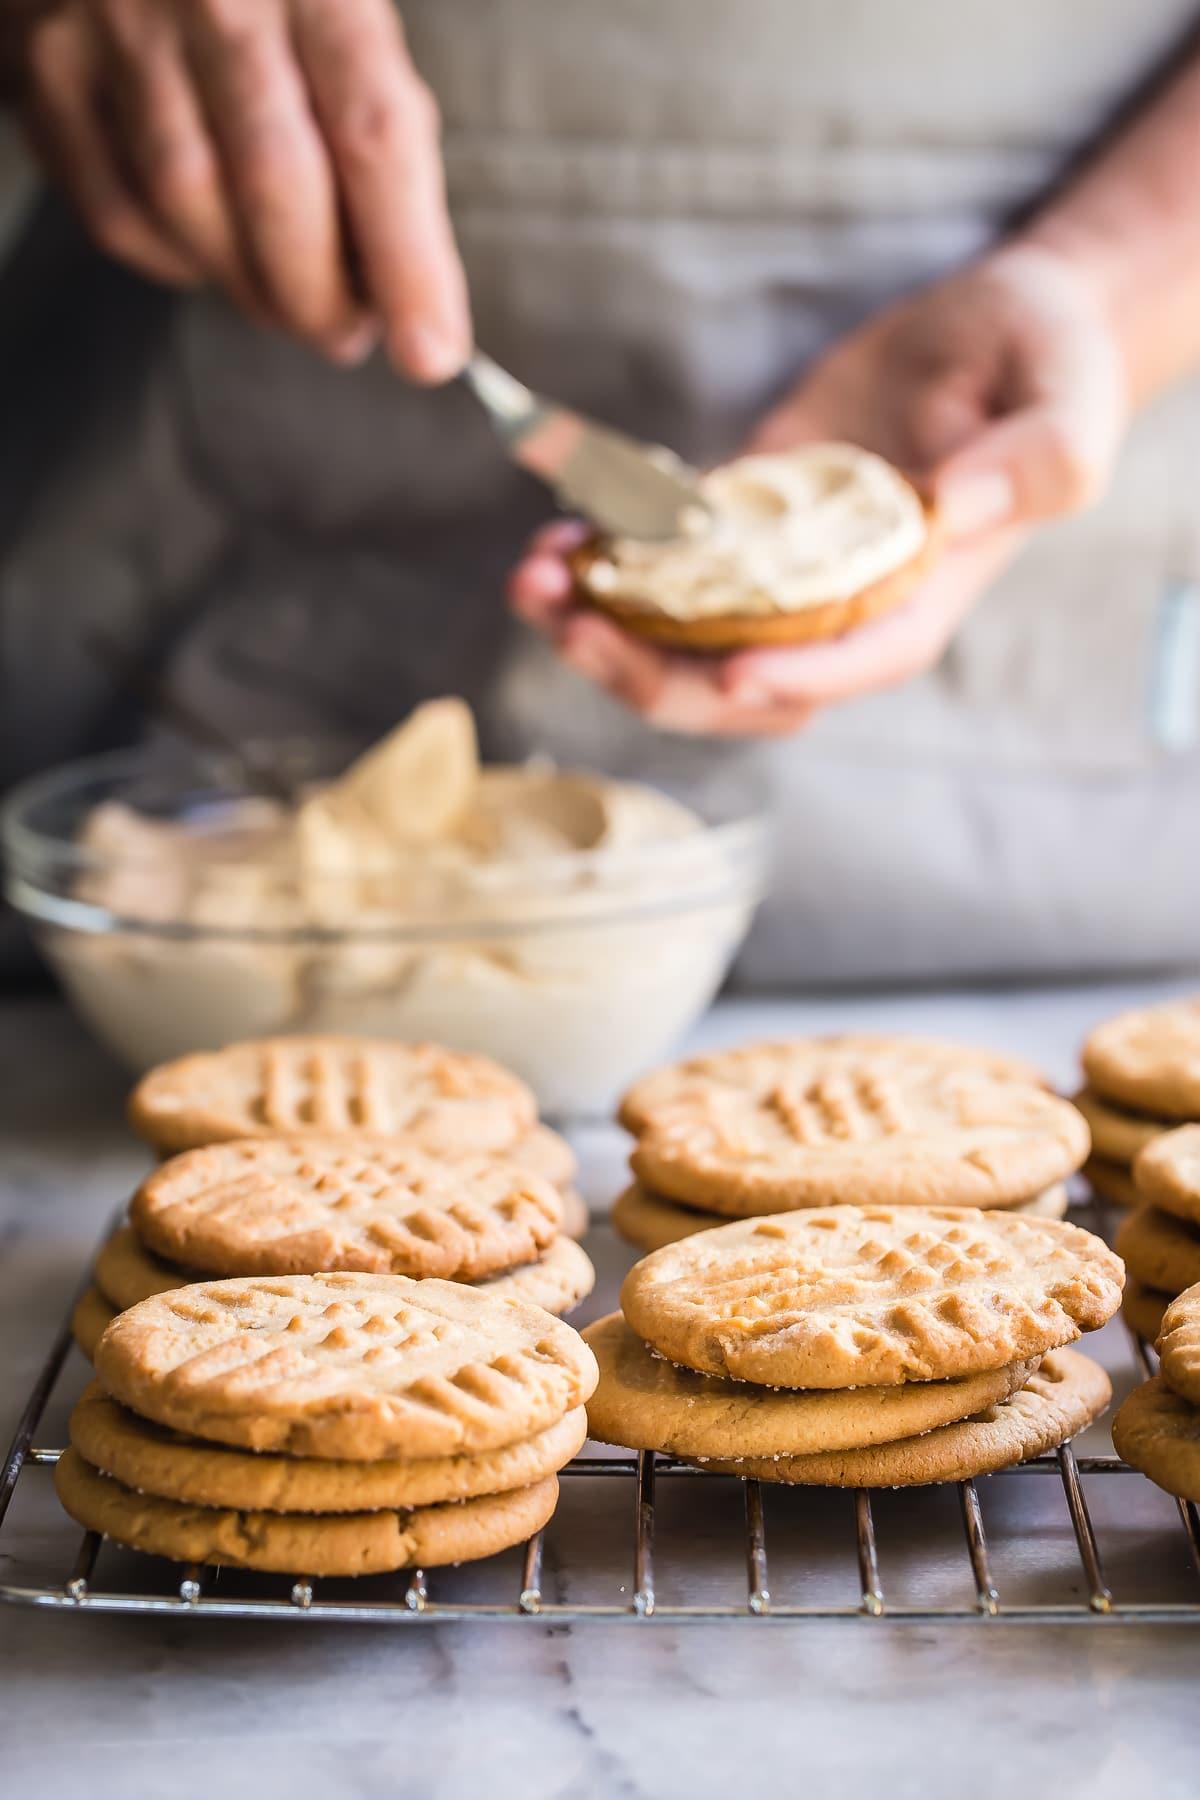 Peanut Butter Jelly Sandwich Cookies